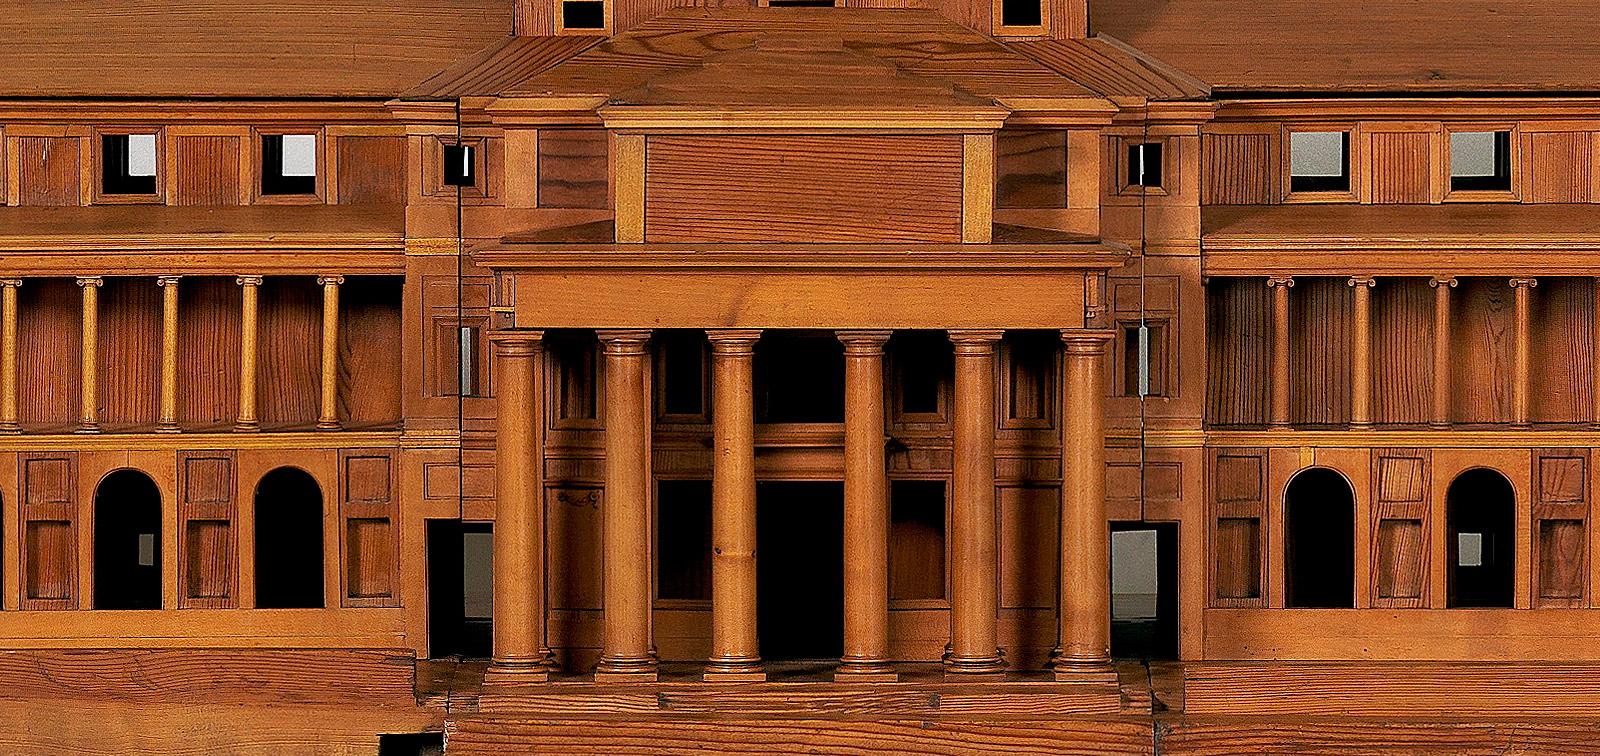 Maqueta o modelo del tercer proyecto de Juan de Villanueva para el Gabinete de Historia Natural